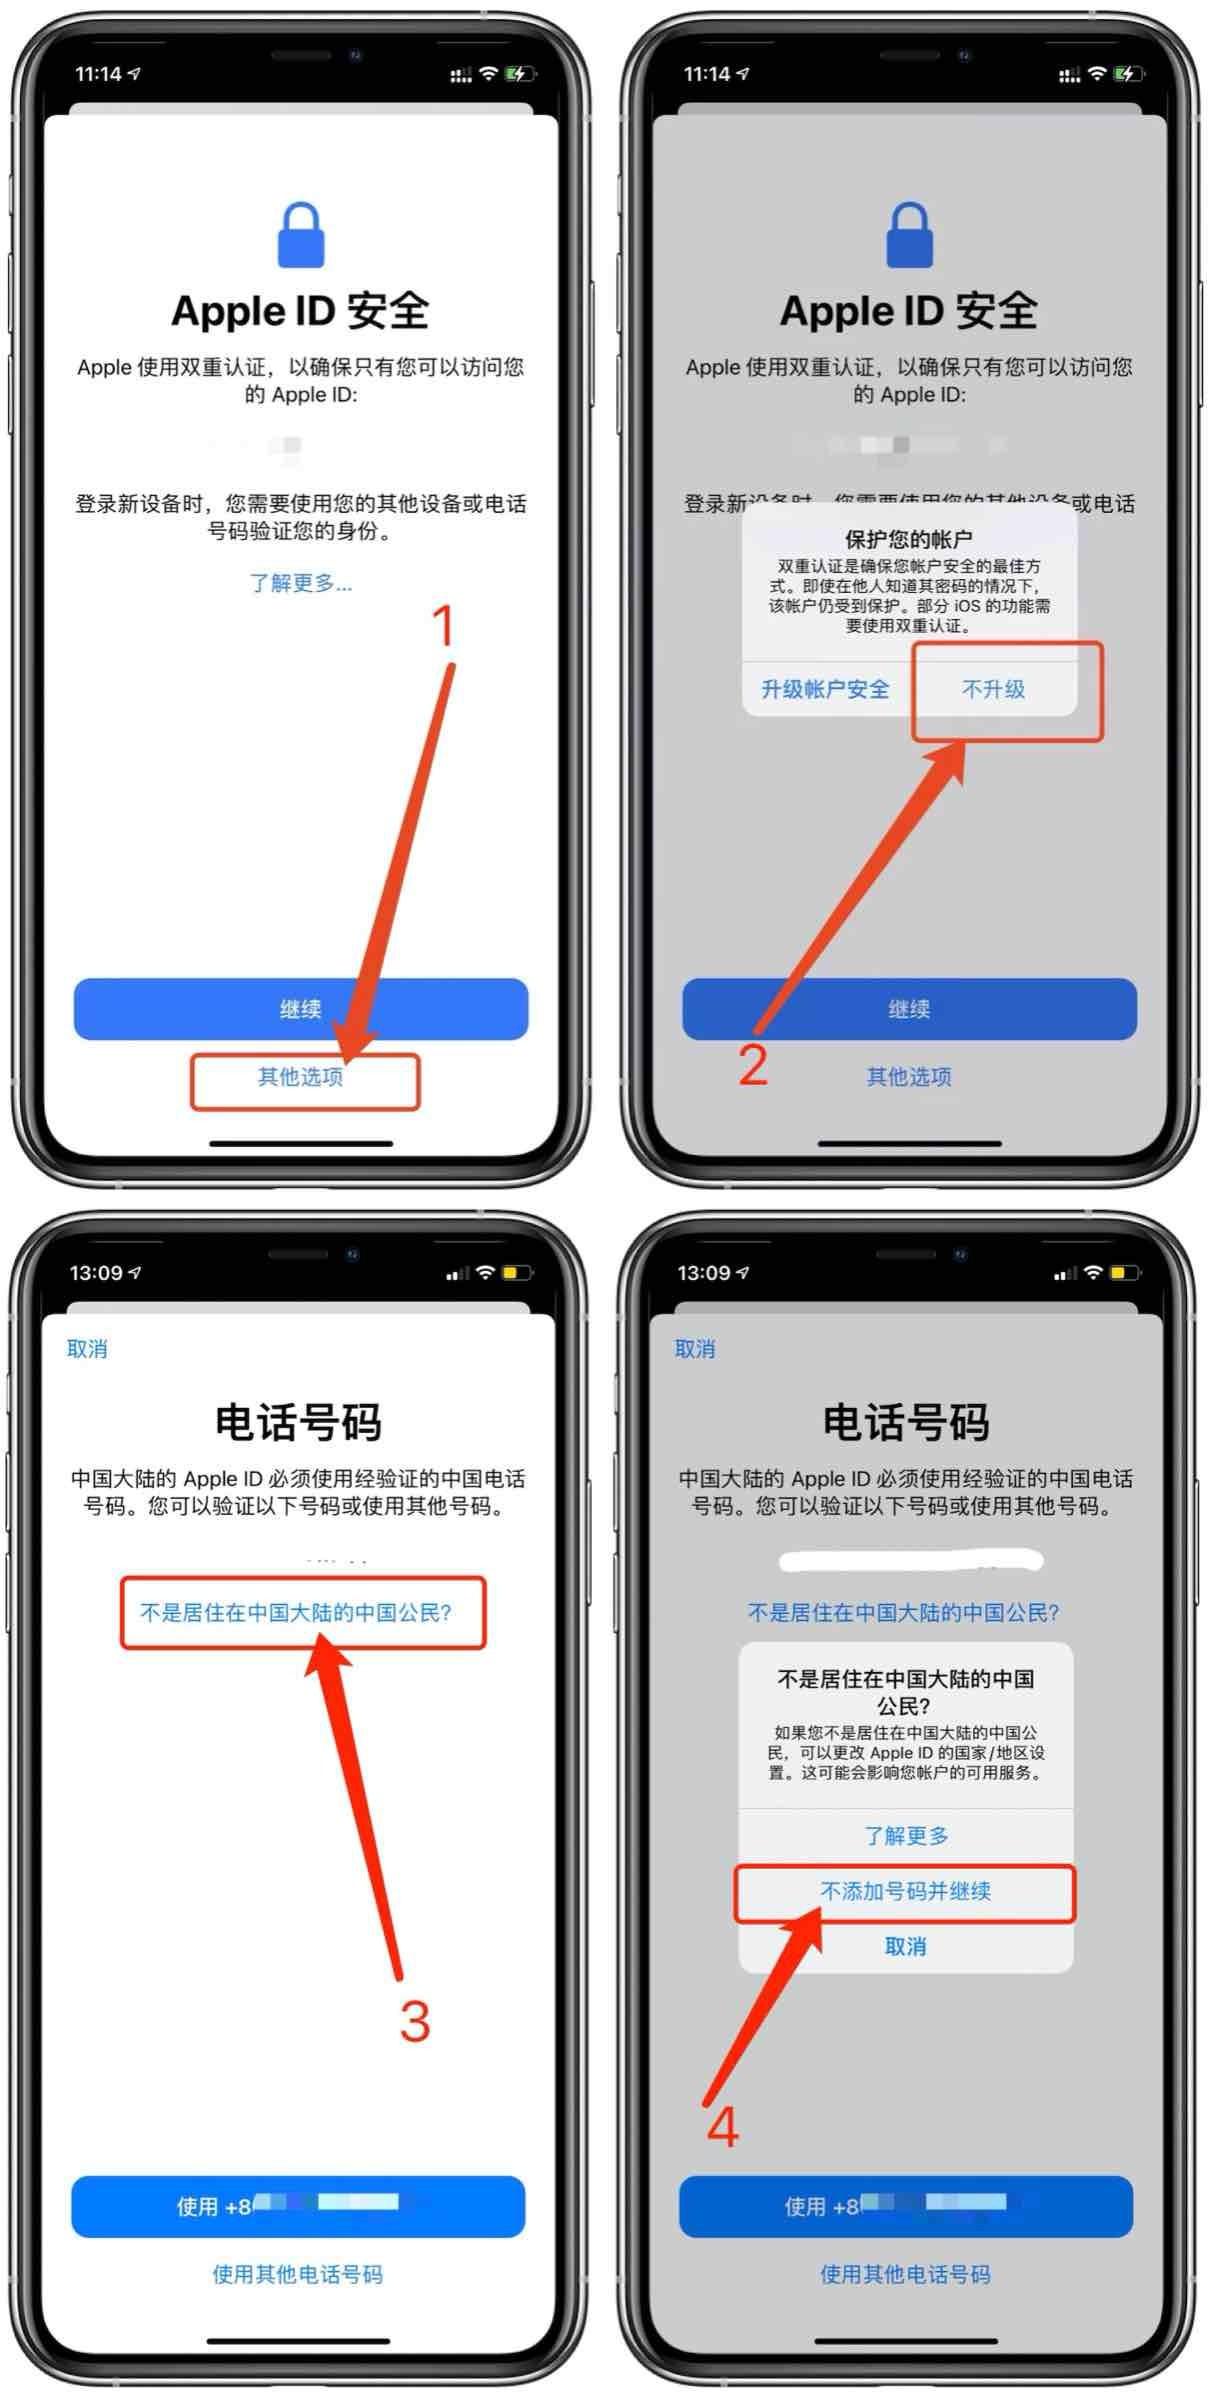 iOS 14 登陆共享ID注意事项!重要通知!插图(2)